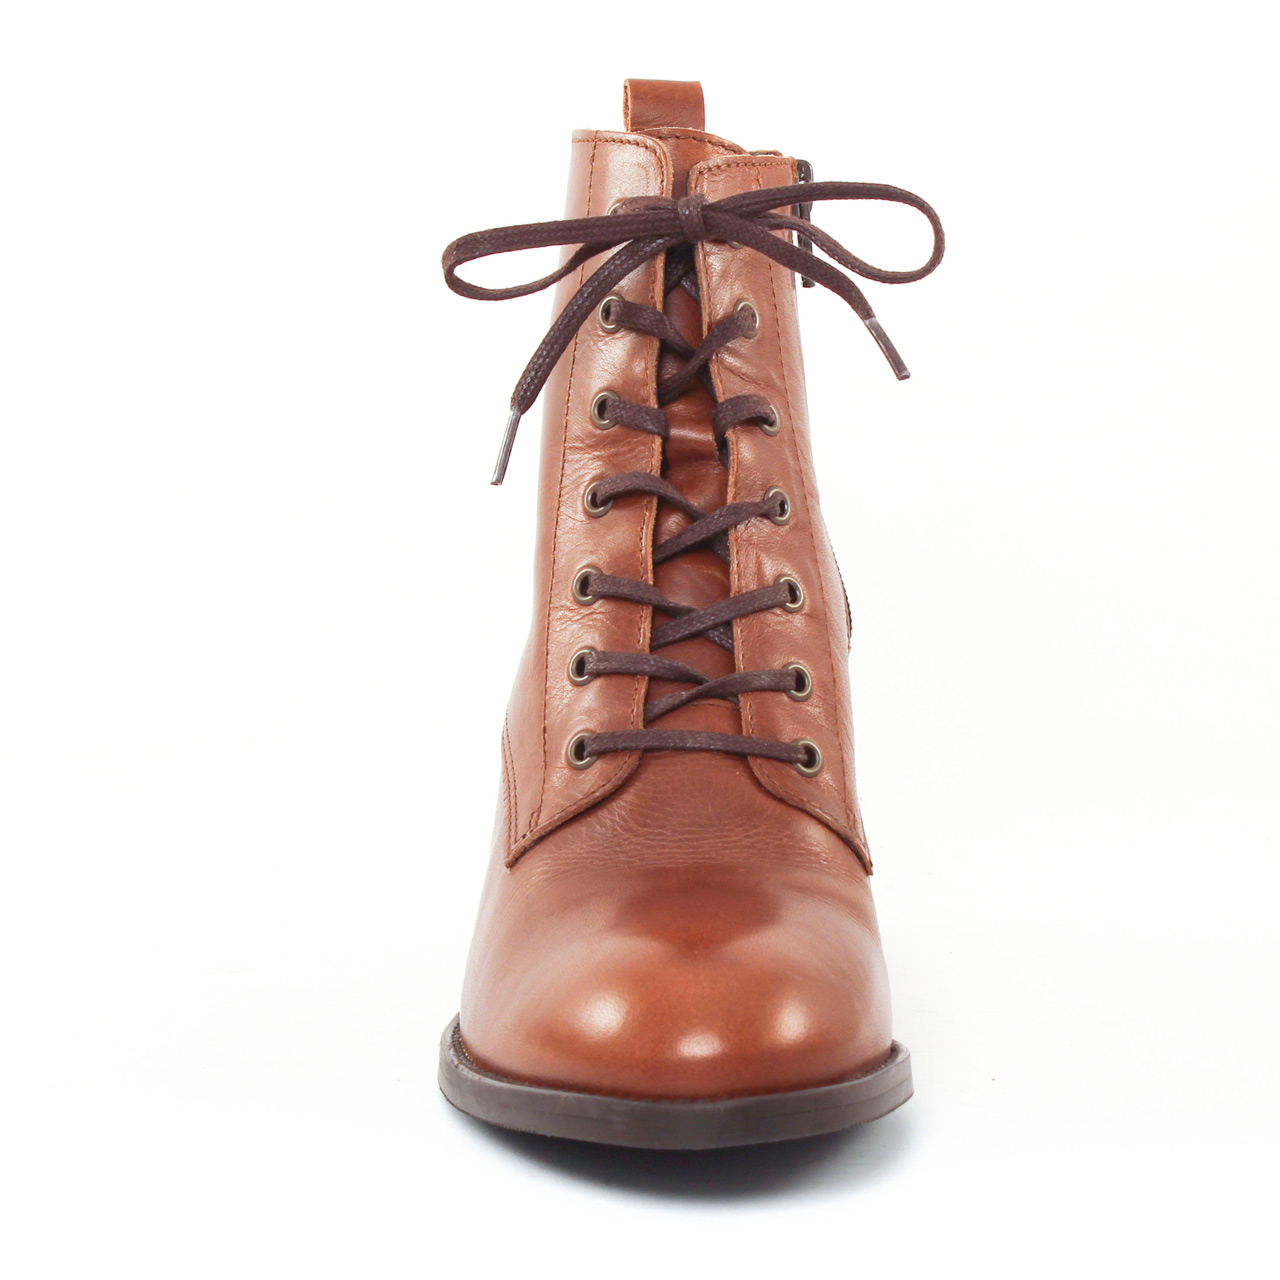 ad1139a2a1f bottines à lacets marron mode femme automne hiver vue 5